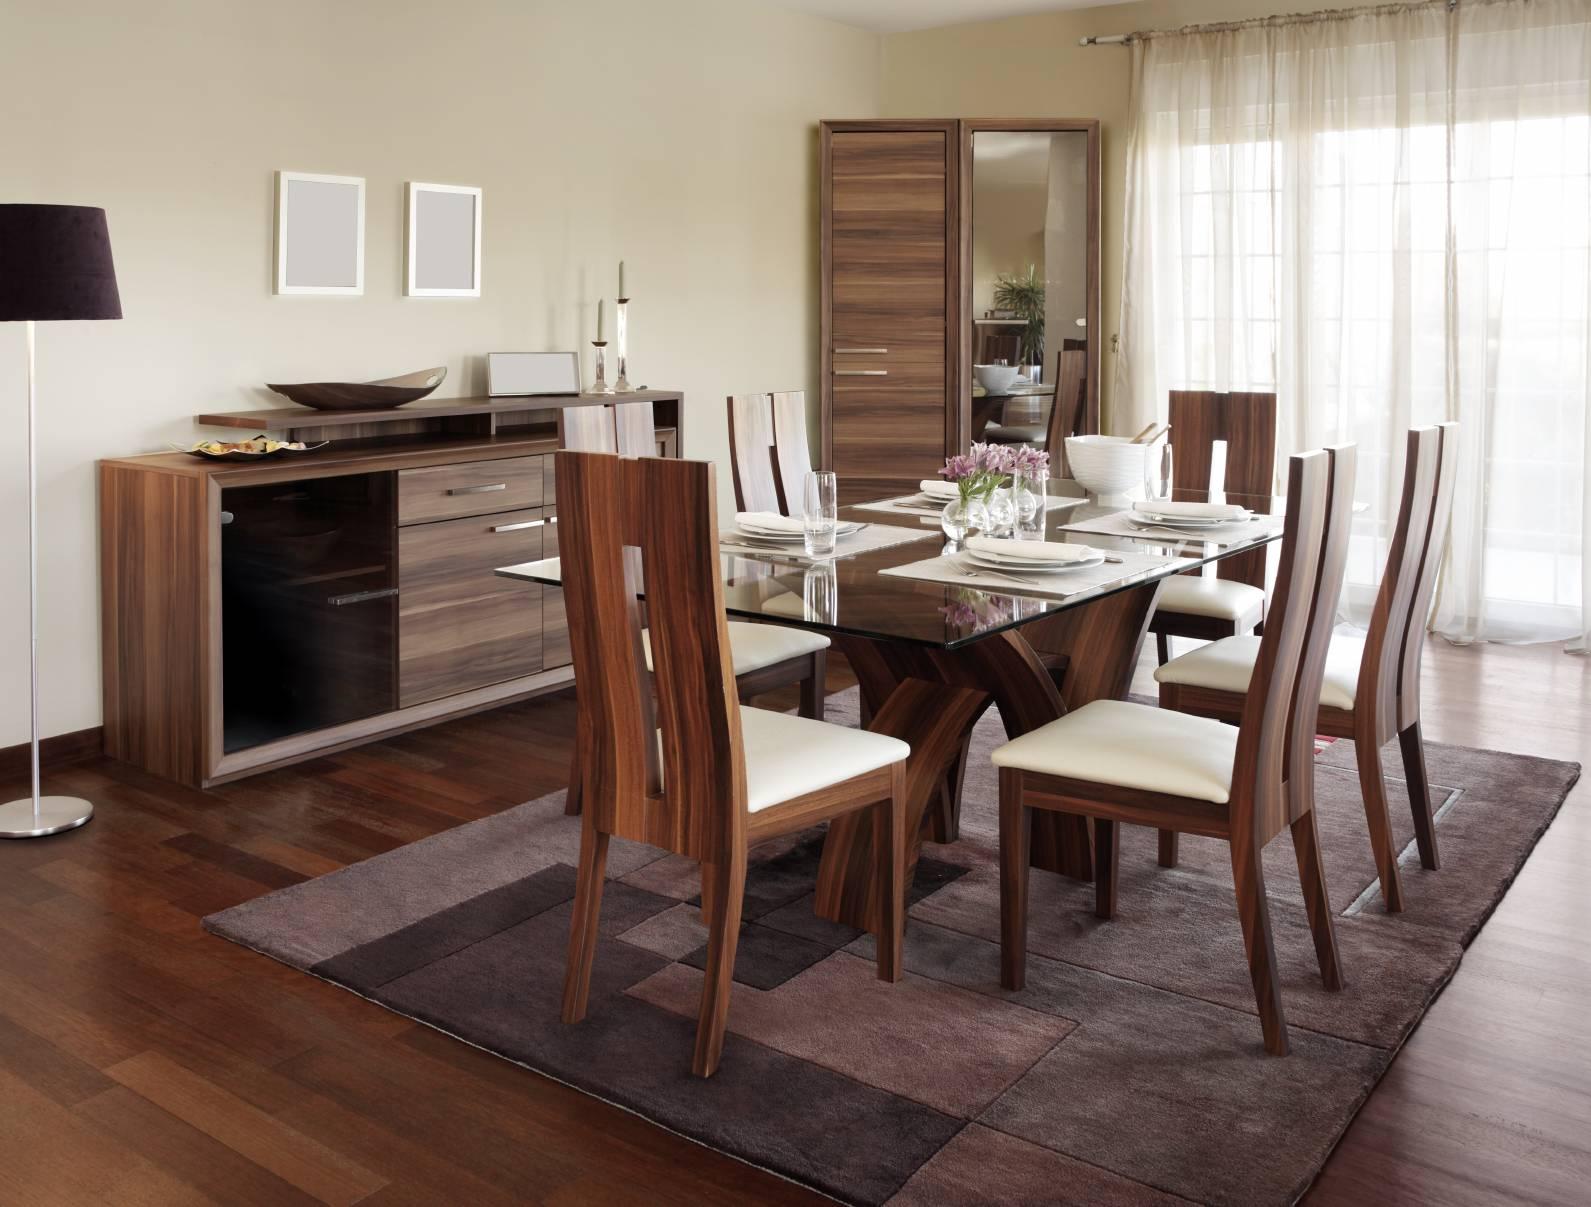 quelles chaises choisir pour sa salle à manger ? | pratique.fr